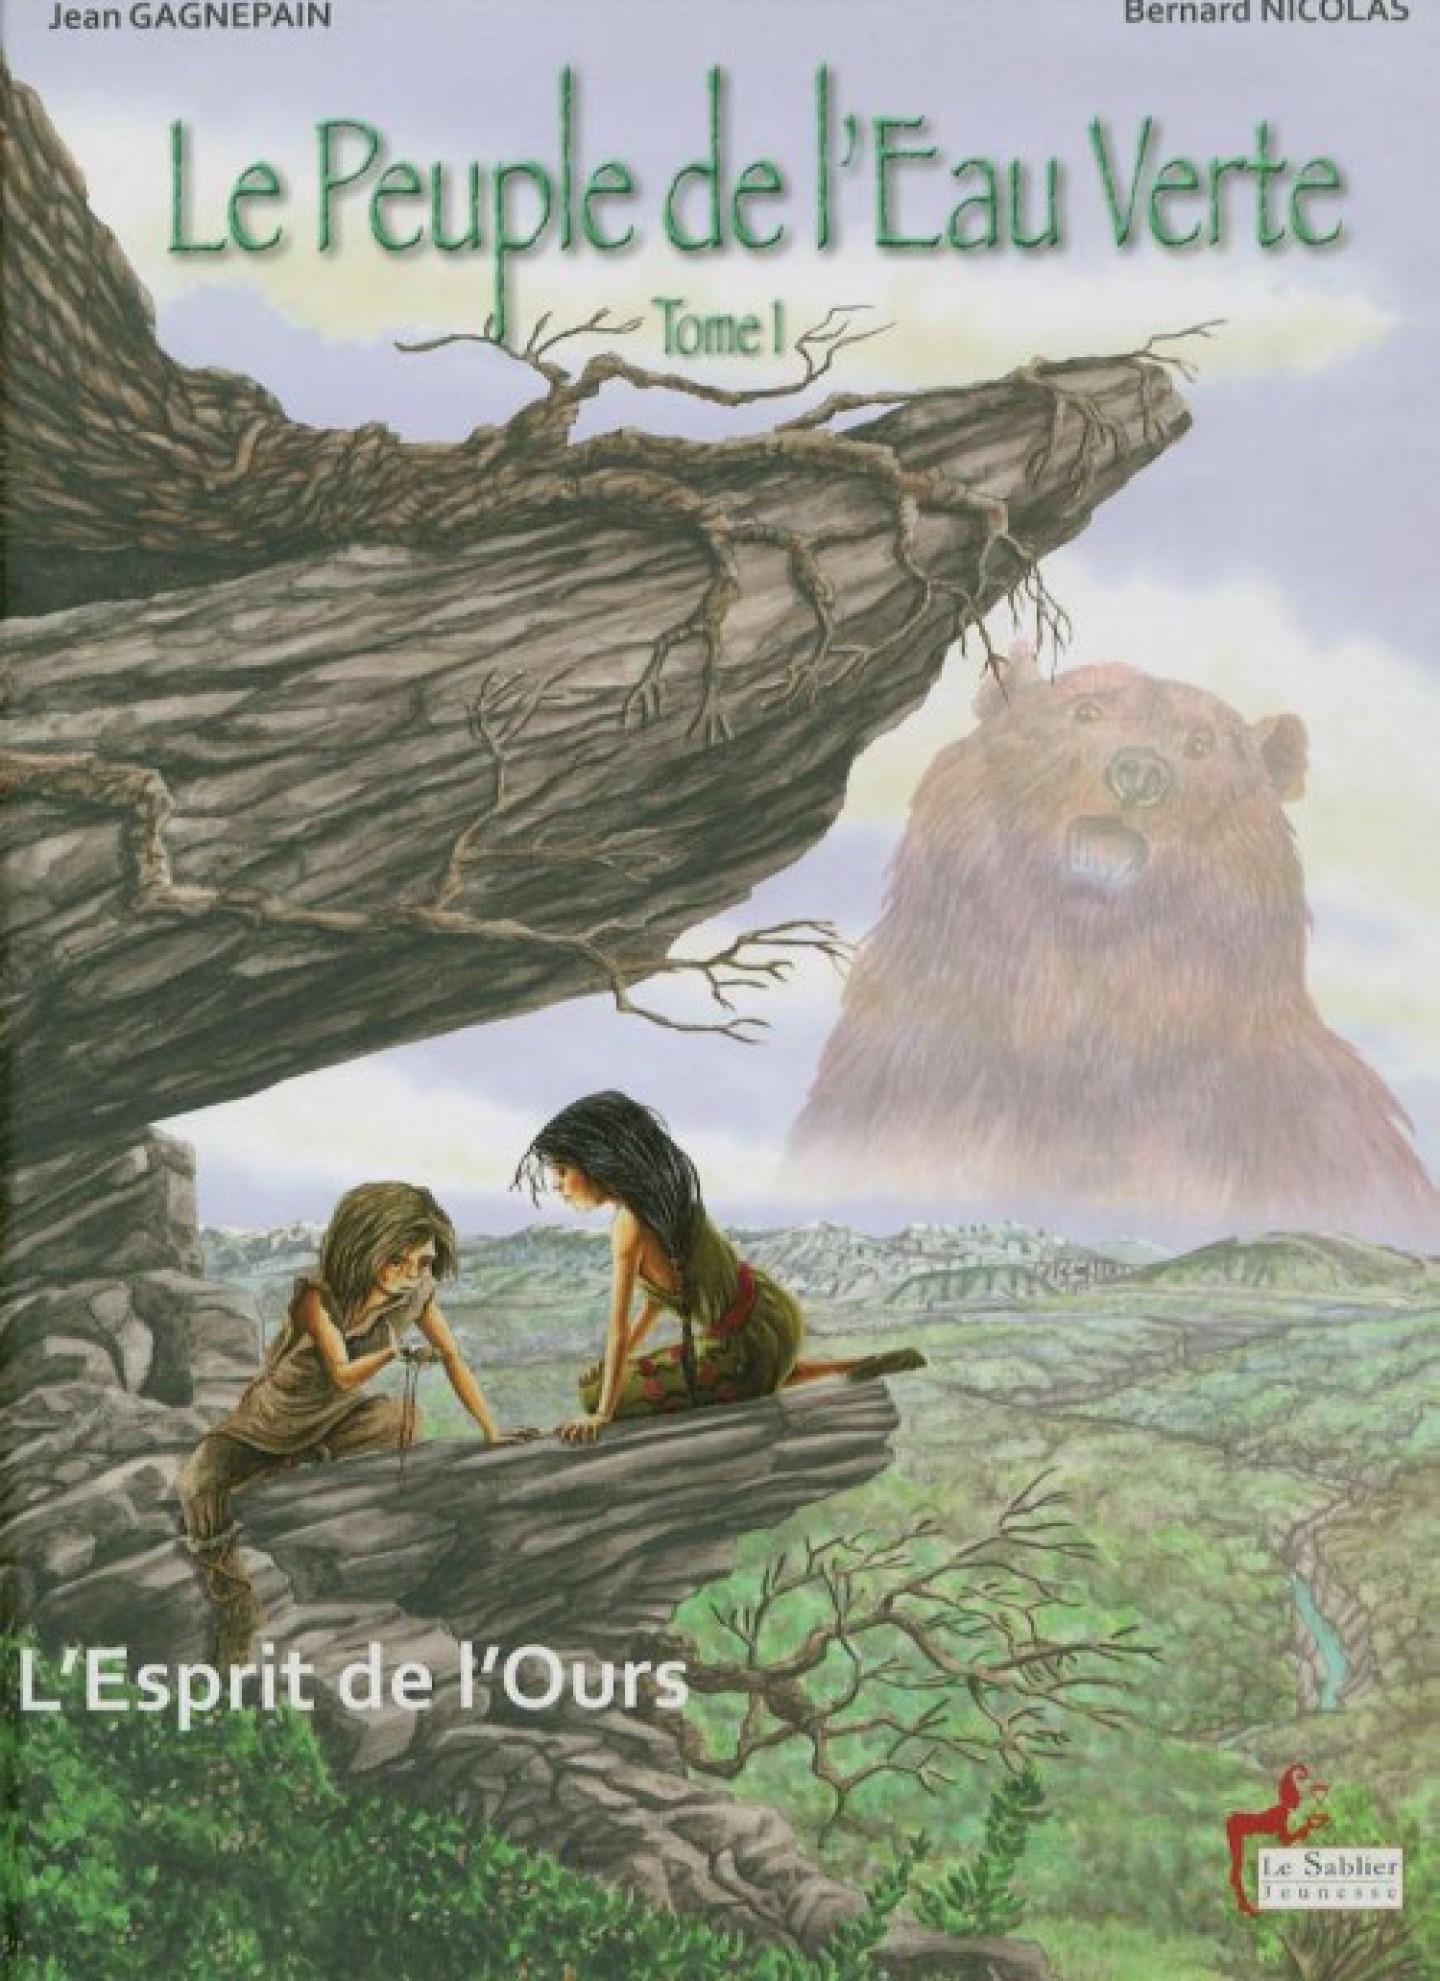 Le peuple de l'eau verte, Tome 1 : L'Esprit de l'ours (bande dessinée)